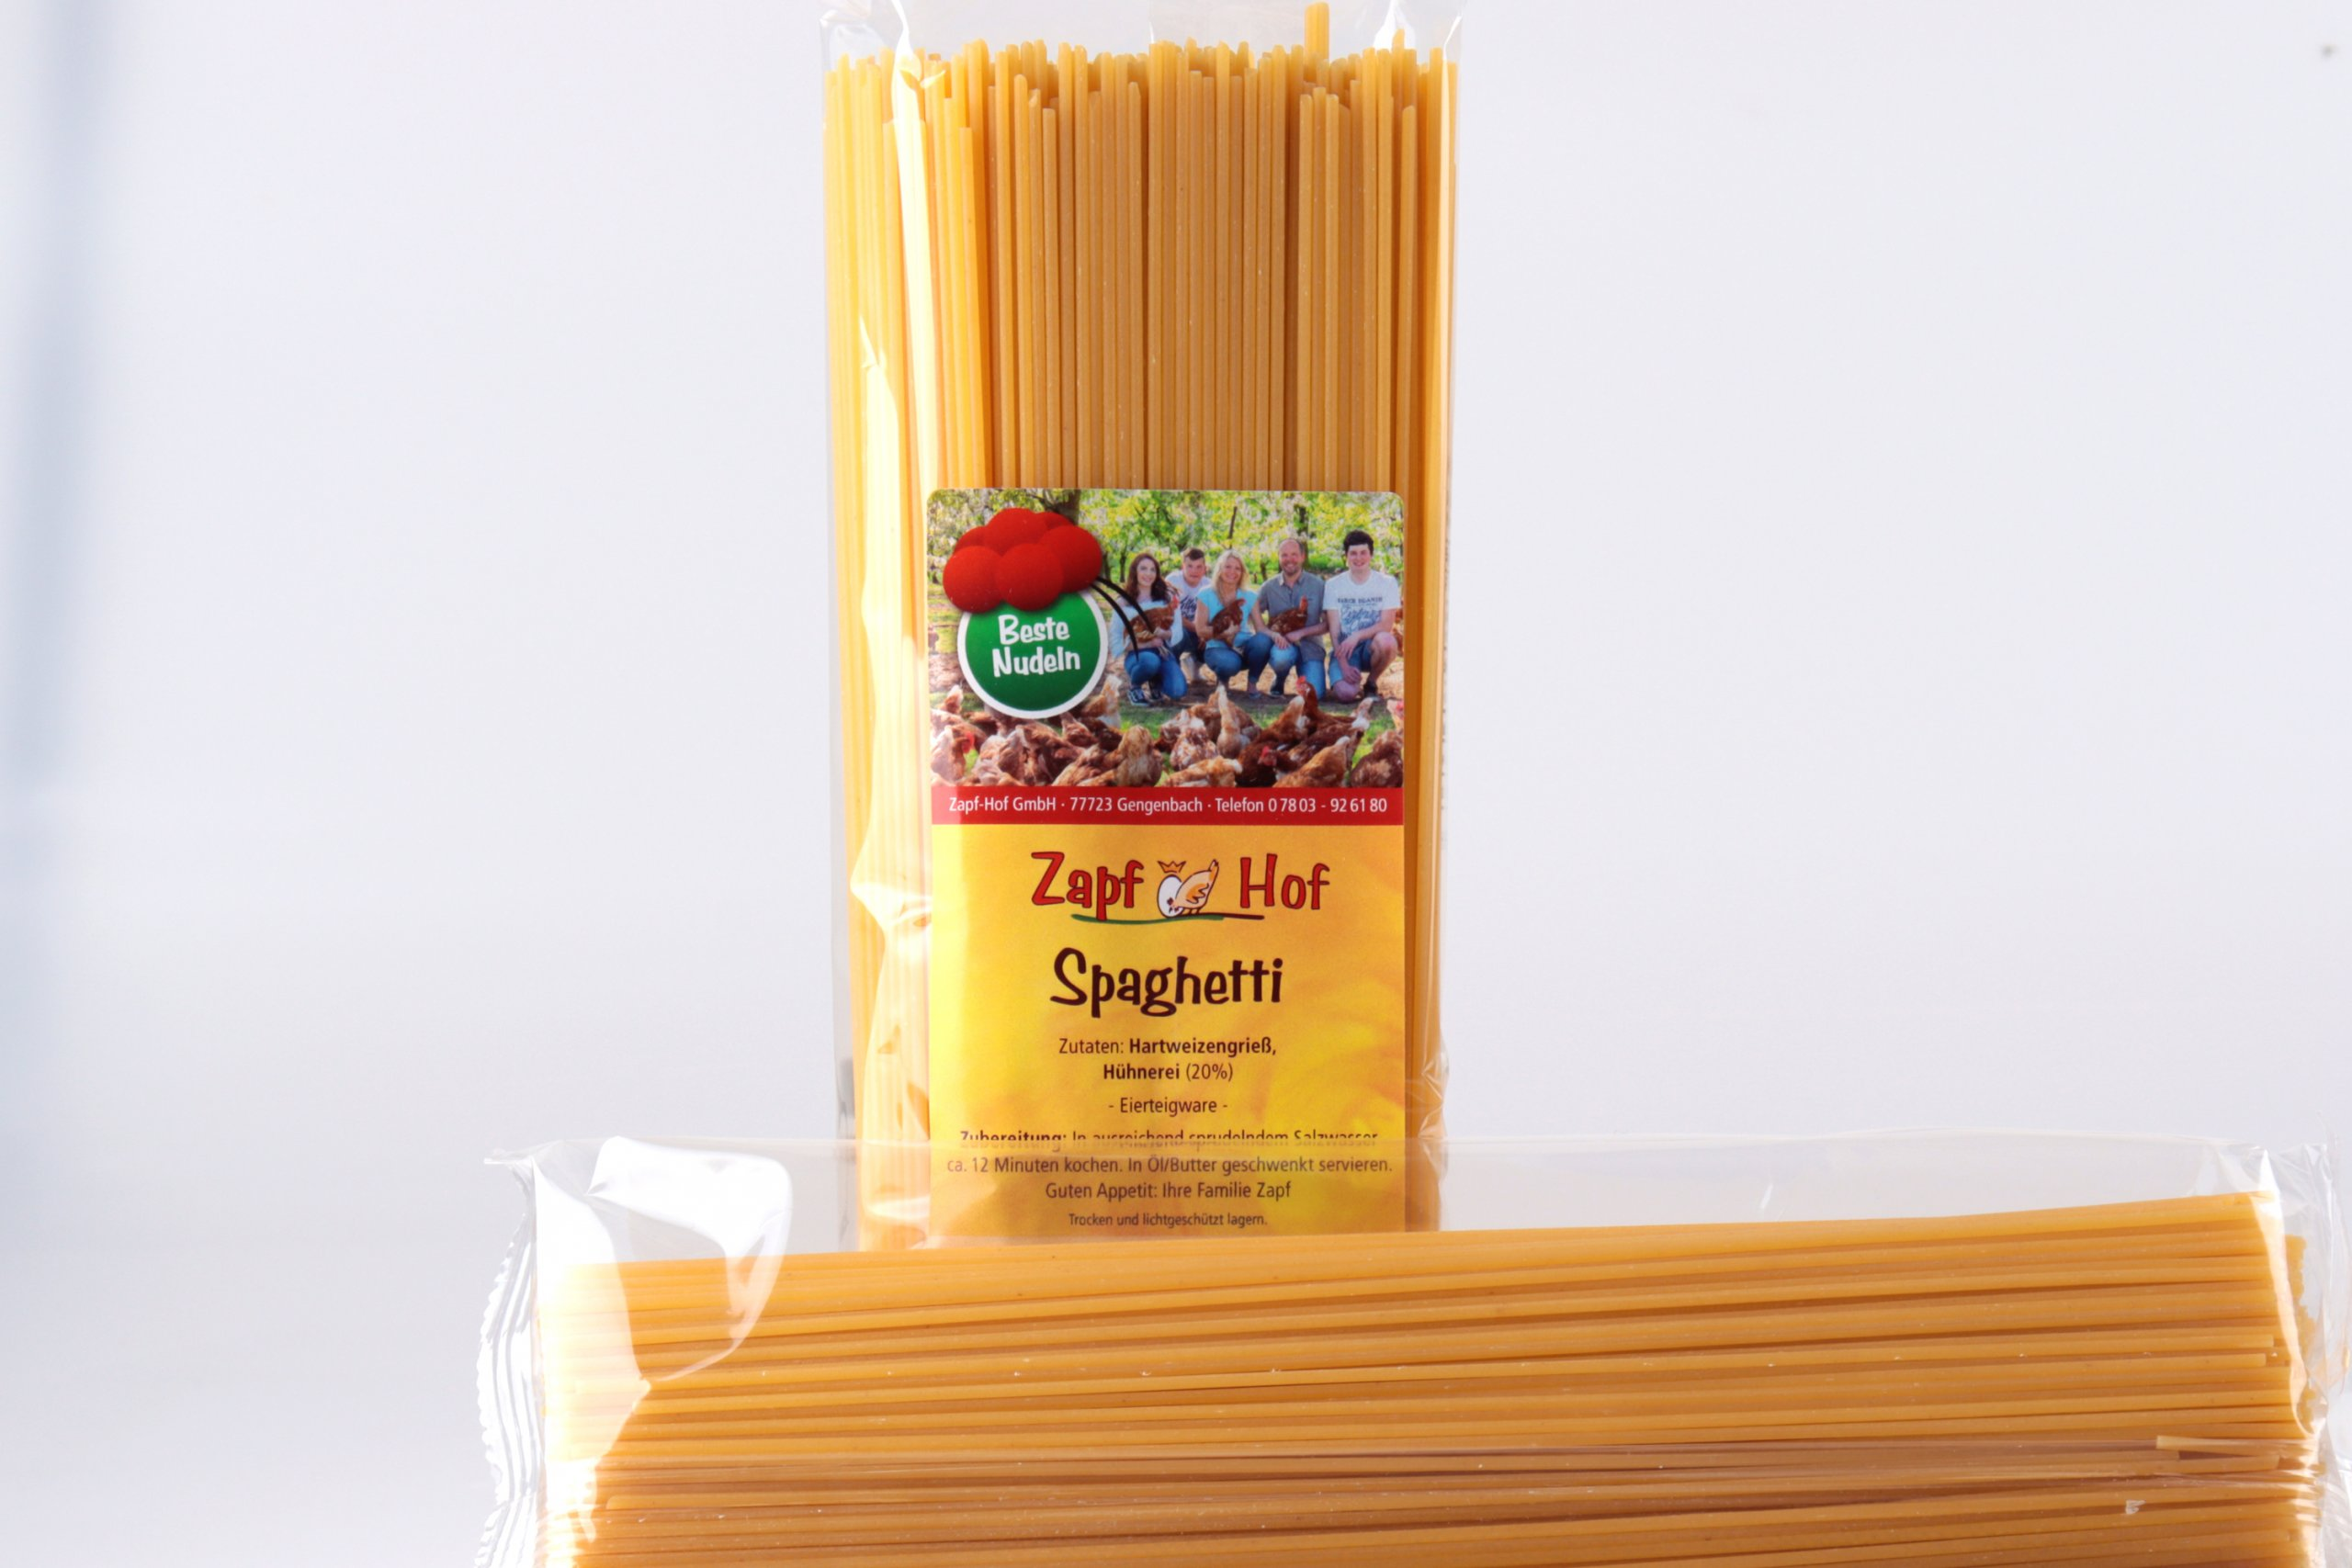 Spaghetti von feinjemacht kaufen